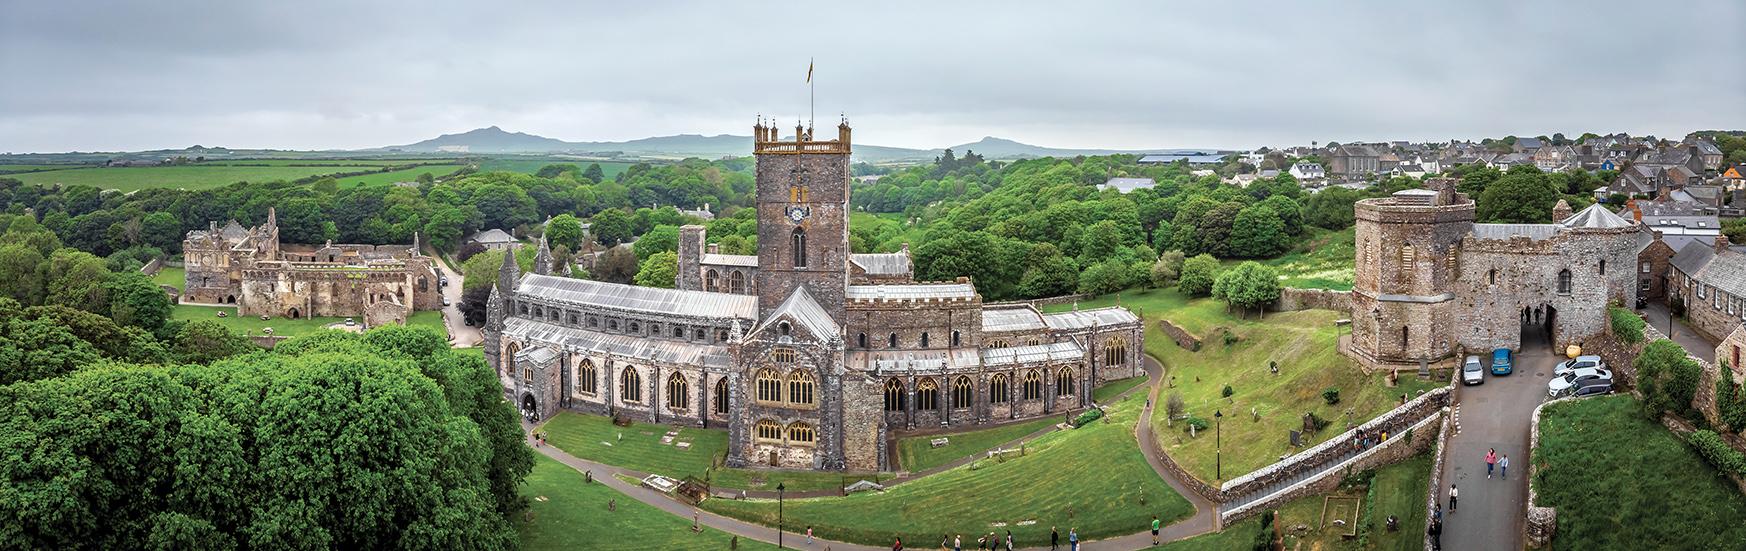 La Cattedrale di Saint Davids, al confine con l'Inghilterra.